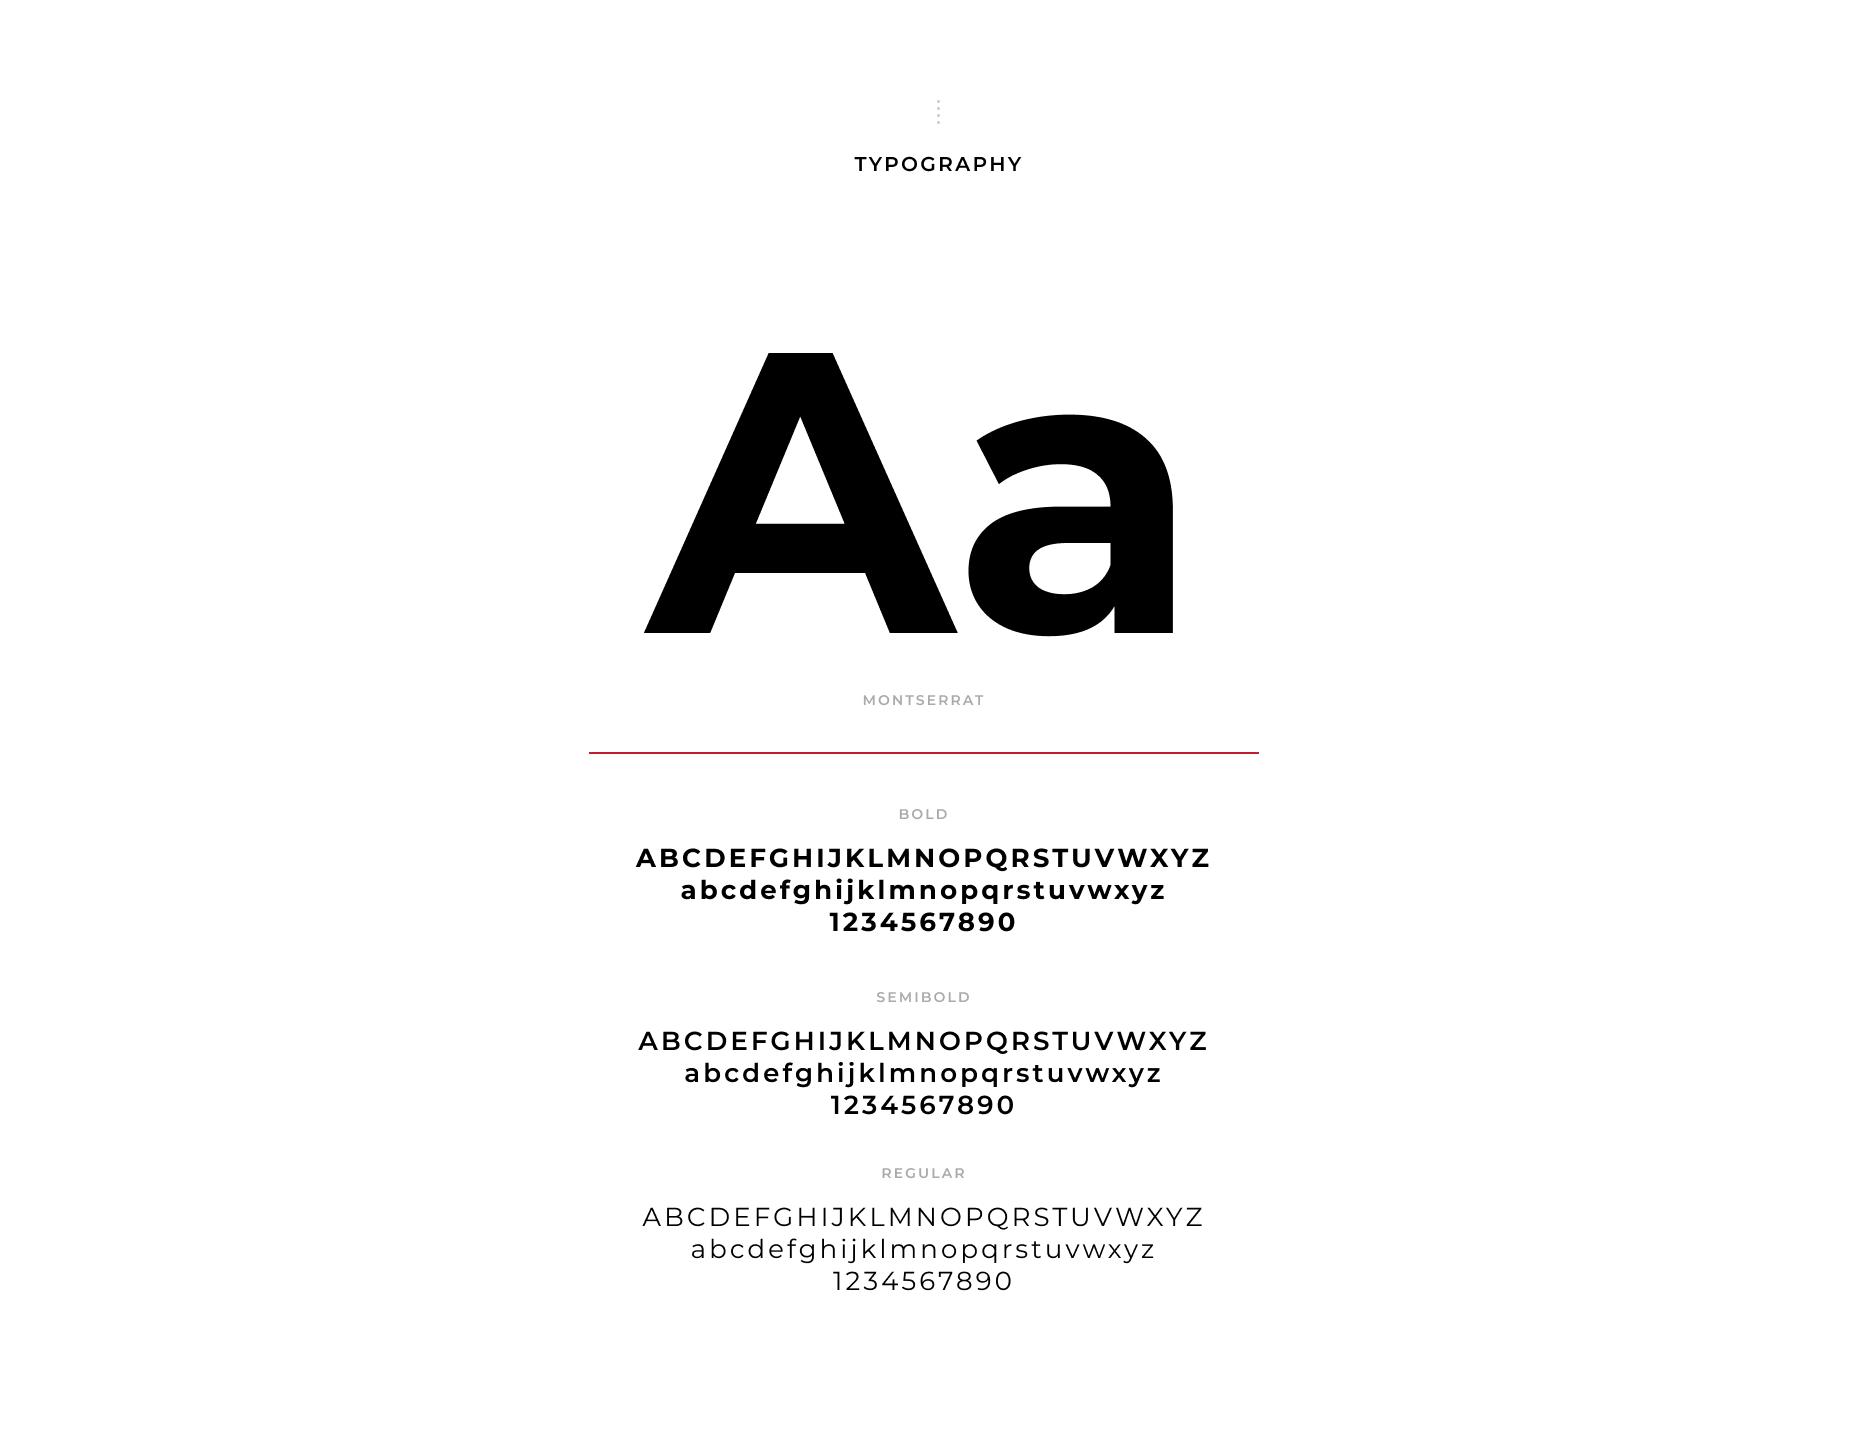 04_Typographer